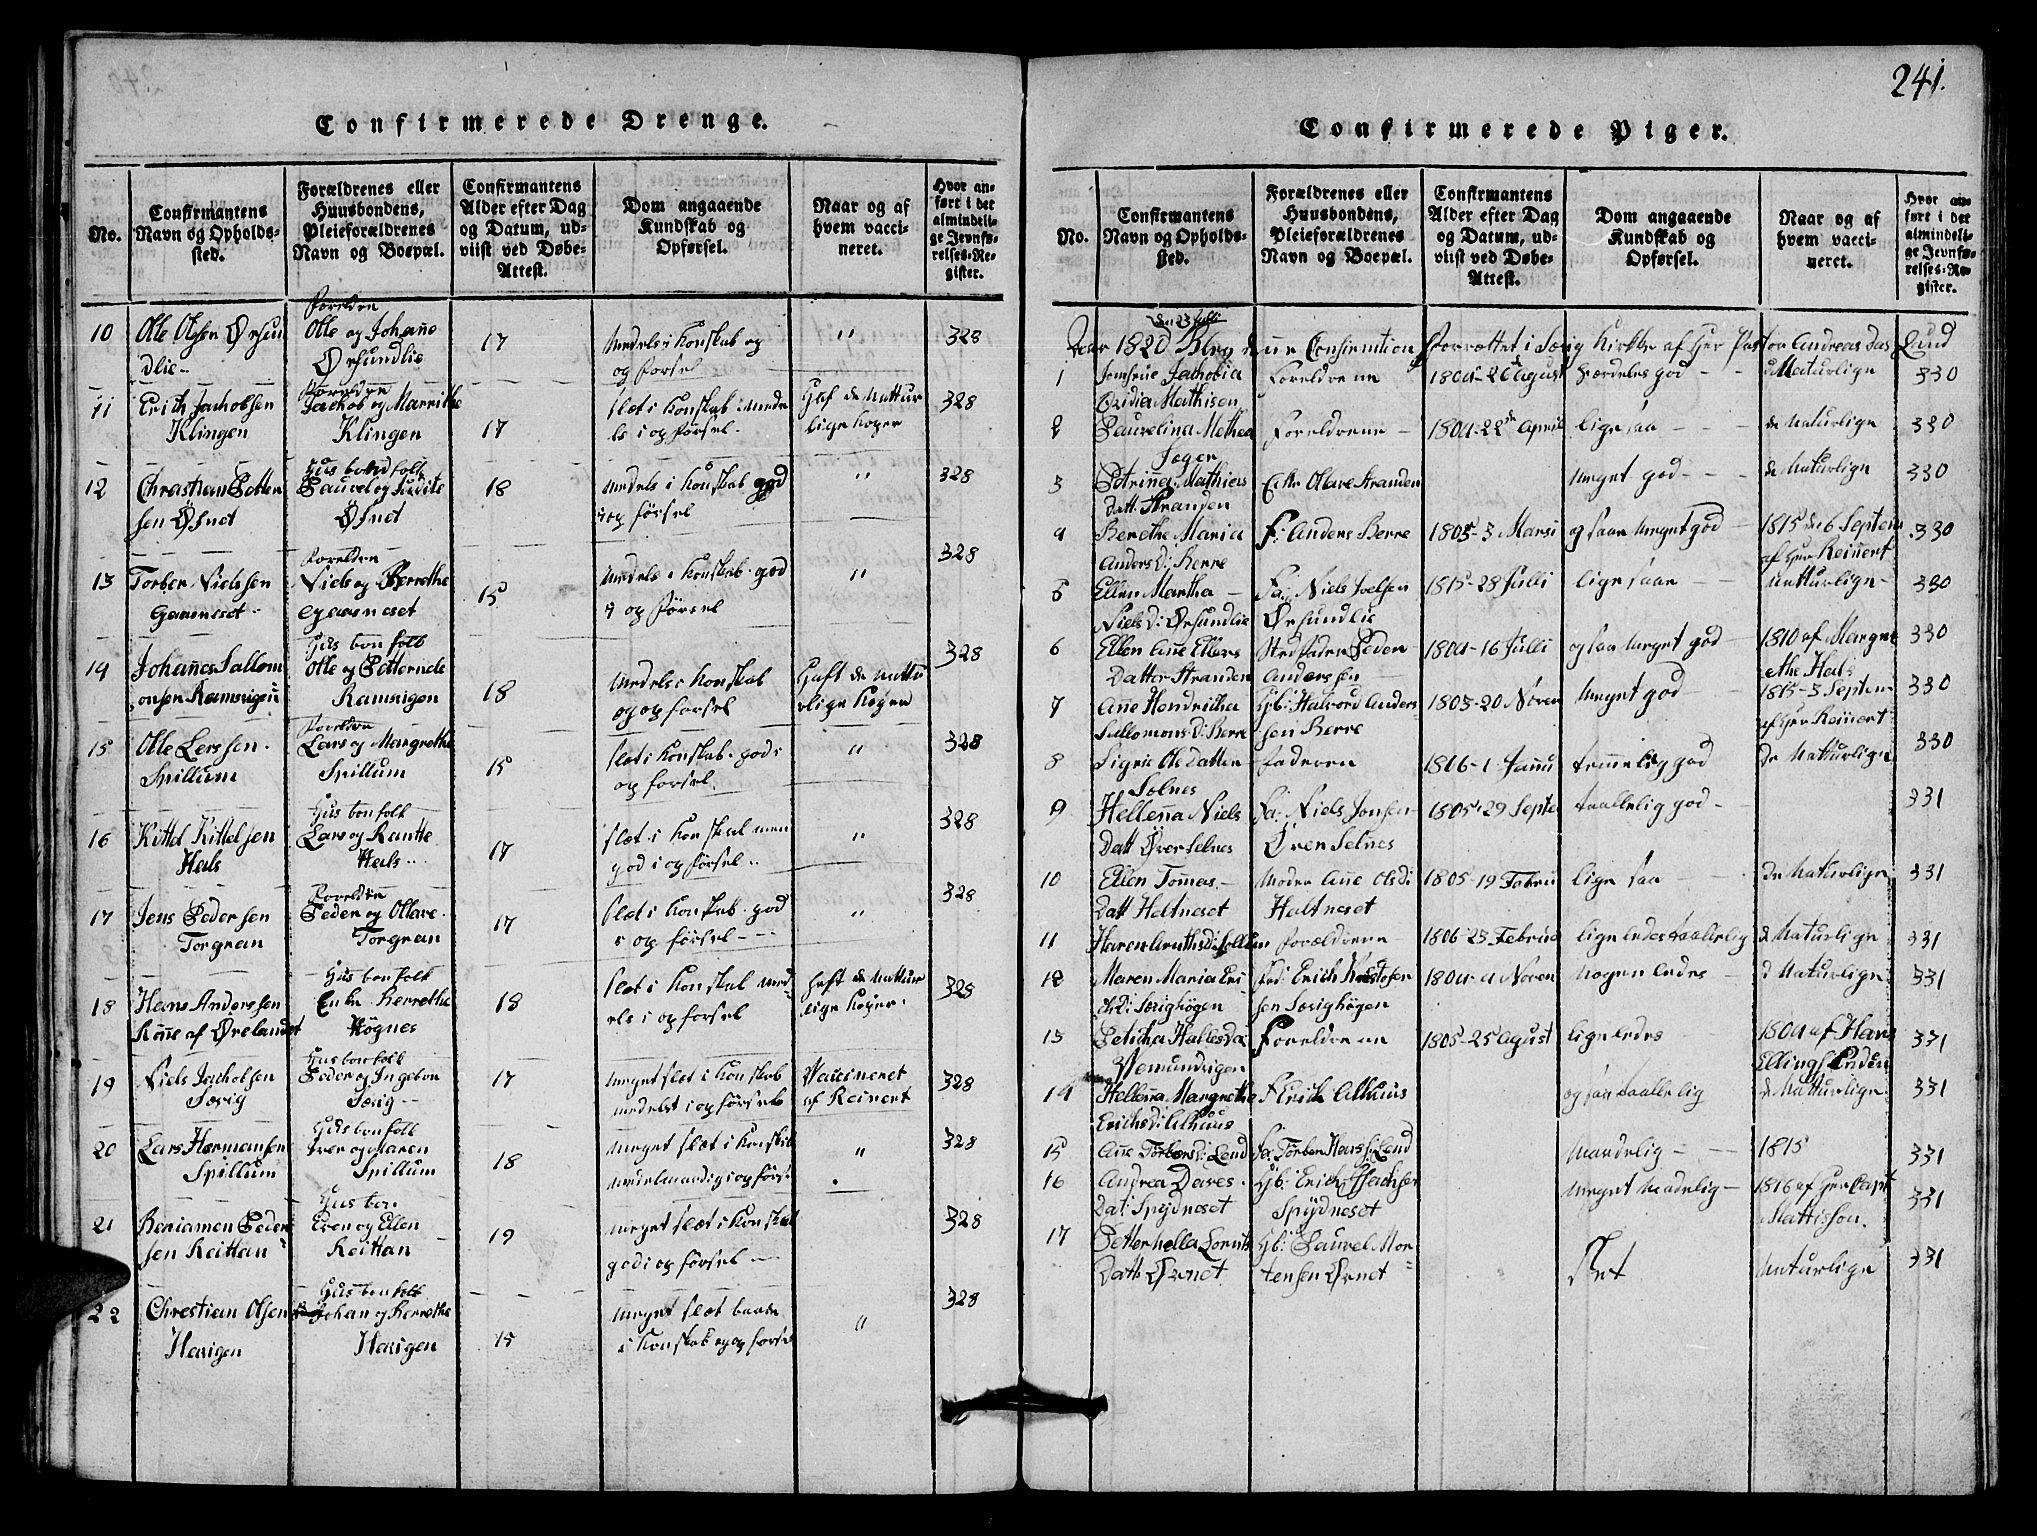 SAT, Ministerialprotokoller, klokkerbøker og fødselsregistre - Nord-Trøndelag, 770/L0590: Klokkerbok nr. 770C01, 1815-1824, s. 241